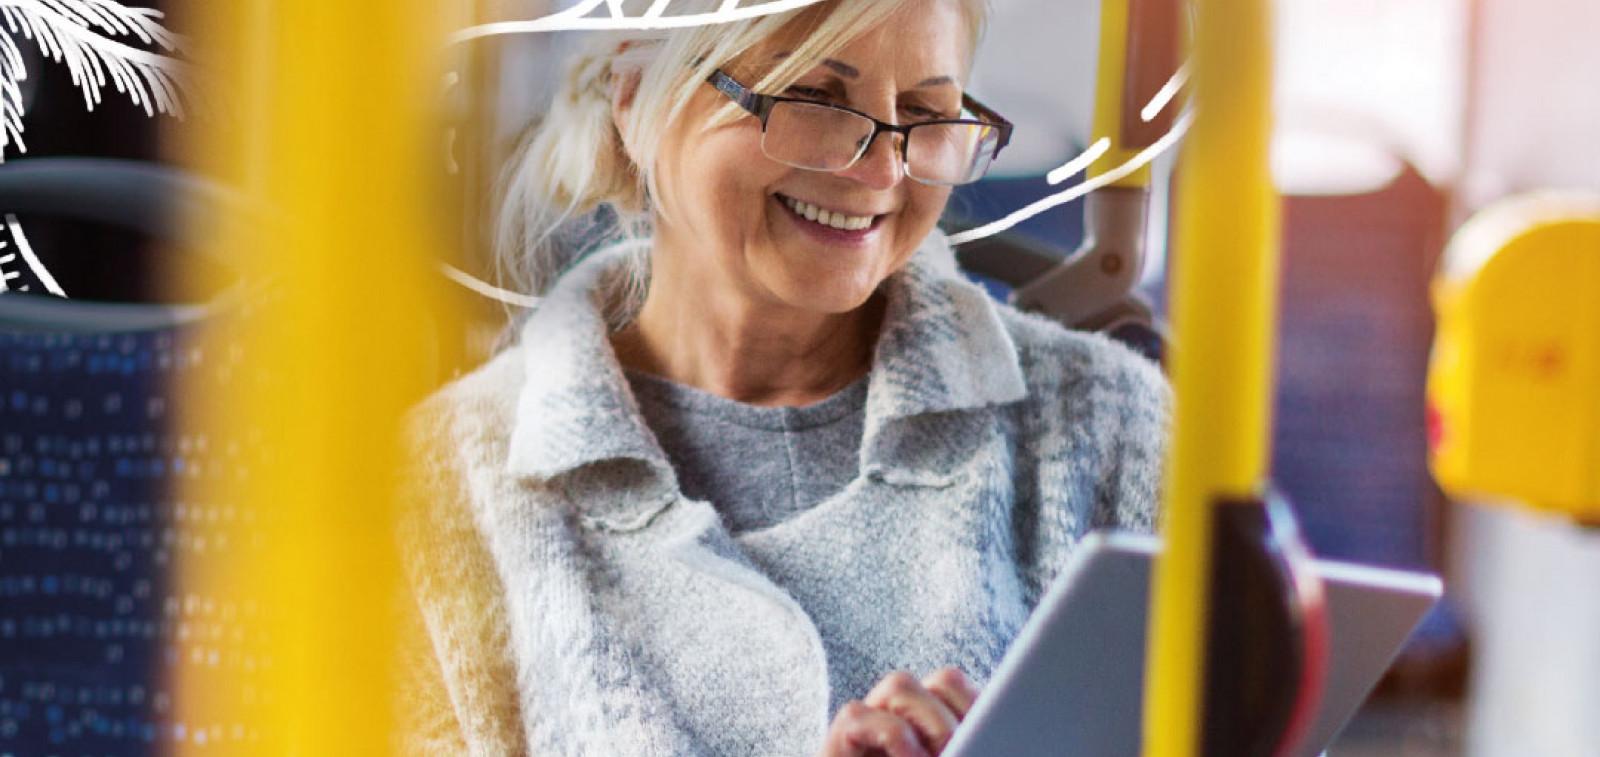 Nainen bussissa hattu päässä täyttämässä kyselyä iPadilla.